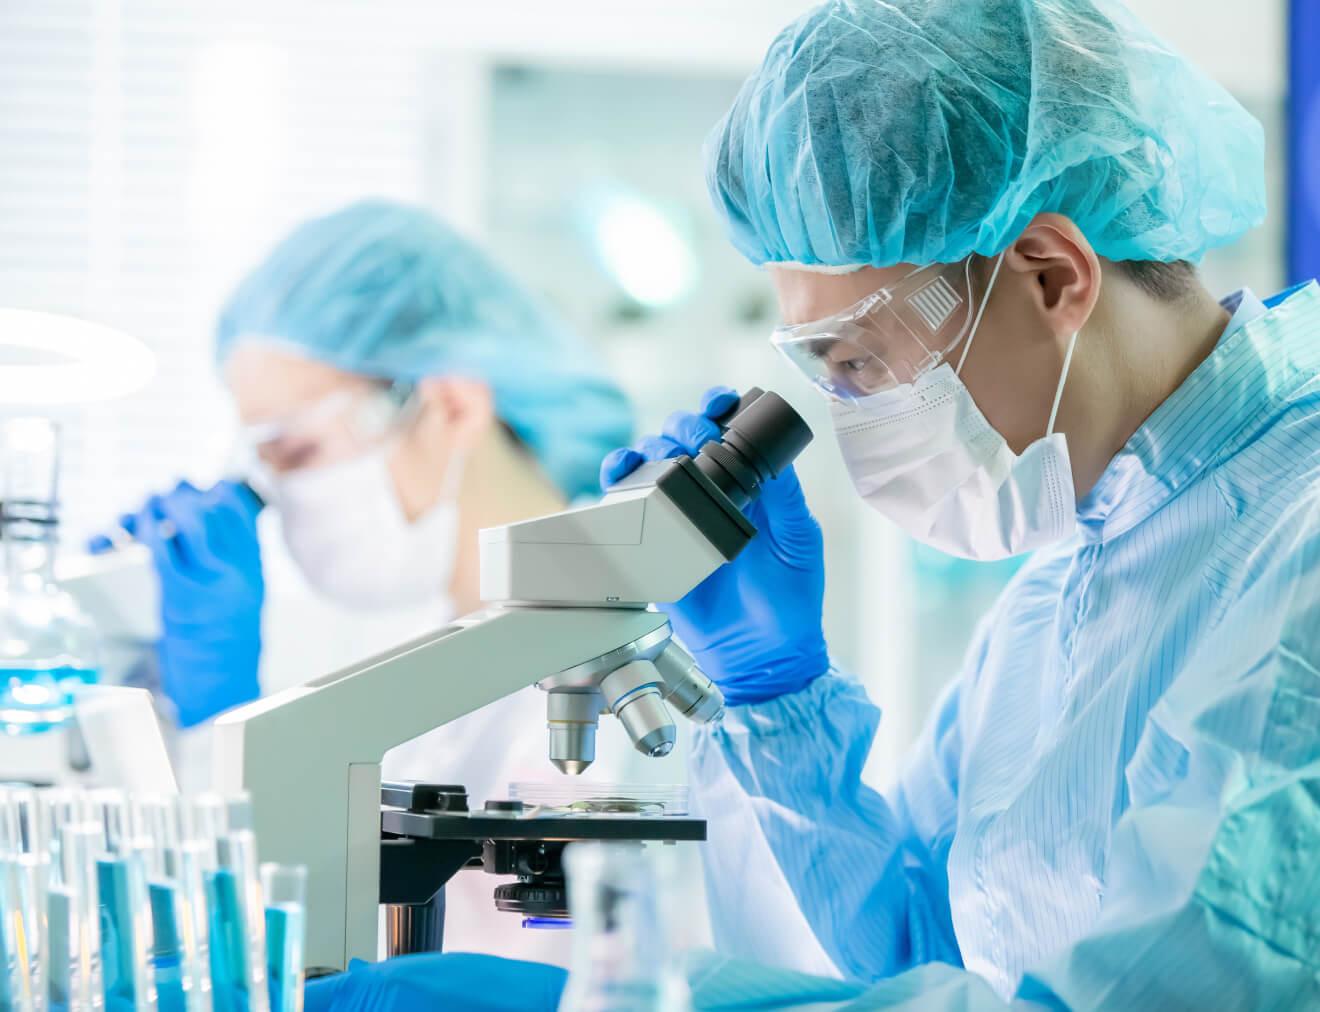 FDA VAERS Experts